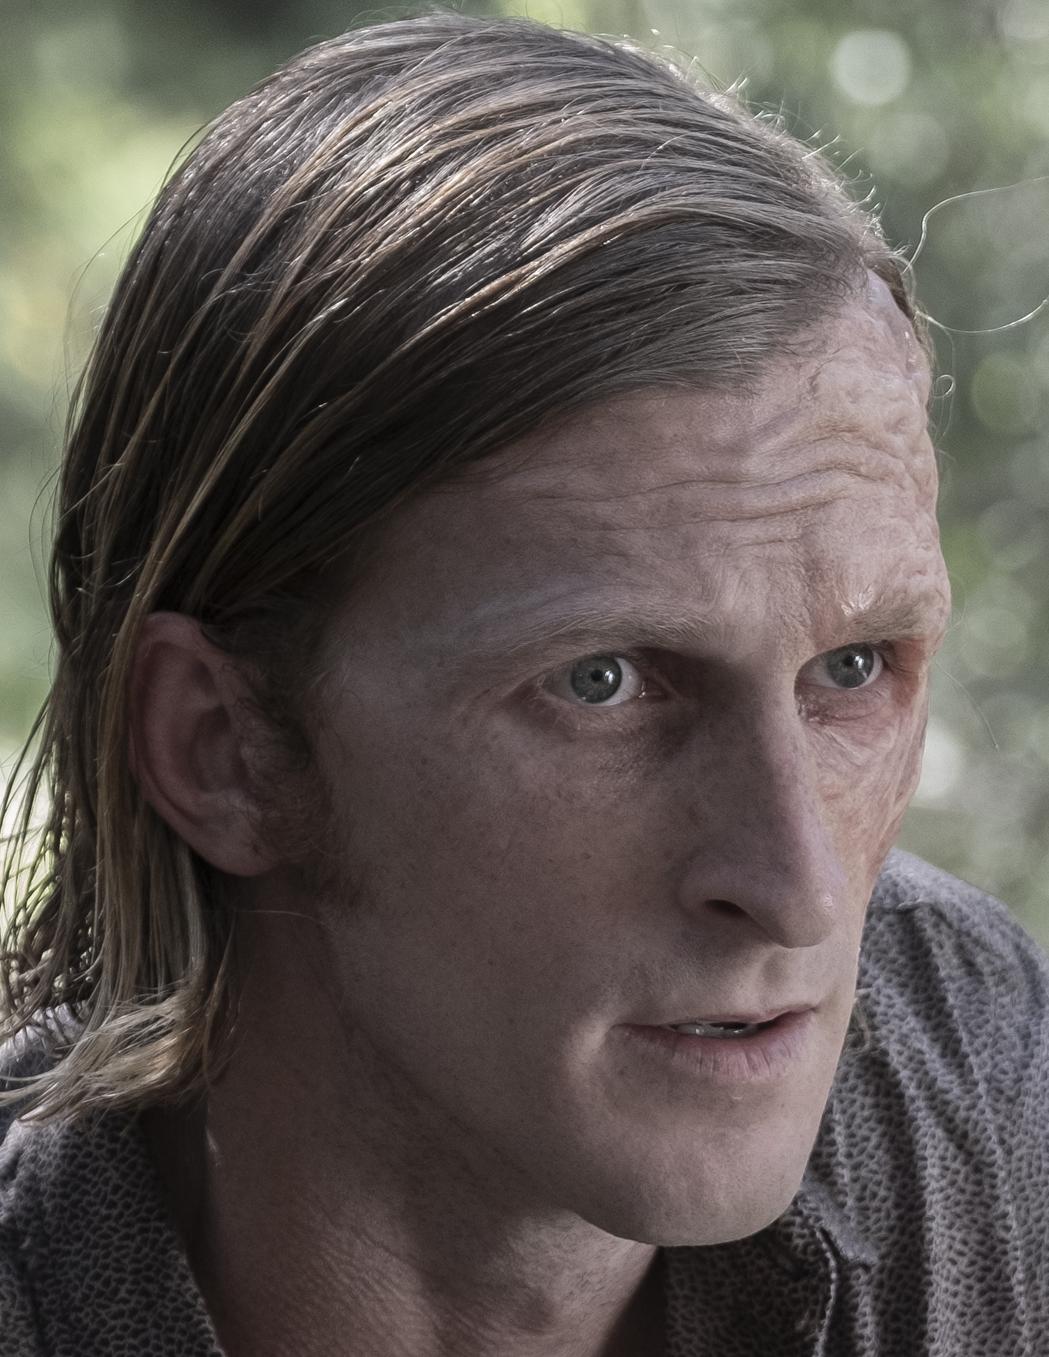 Dwight (Fear) | Walking Dead Wiki | FANDOM powered by Wikia